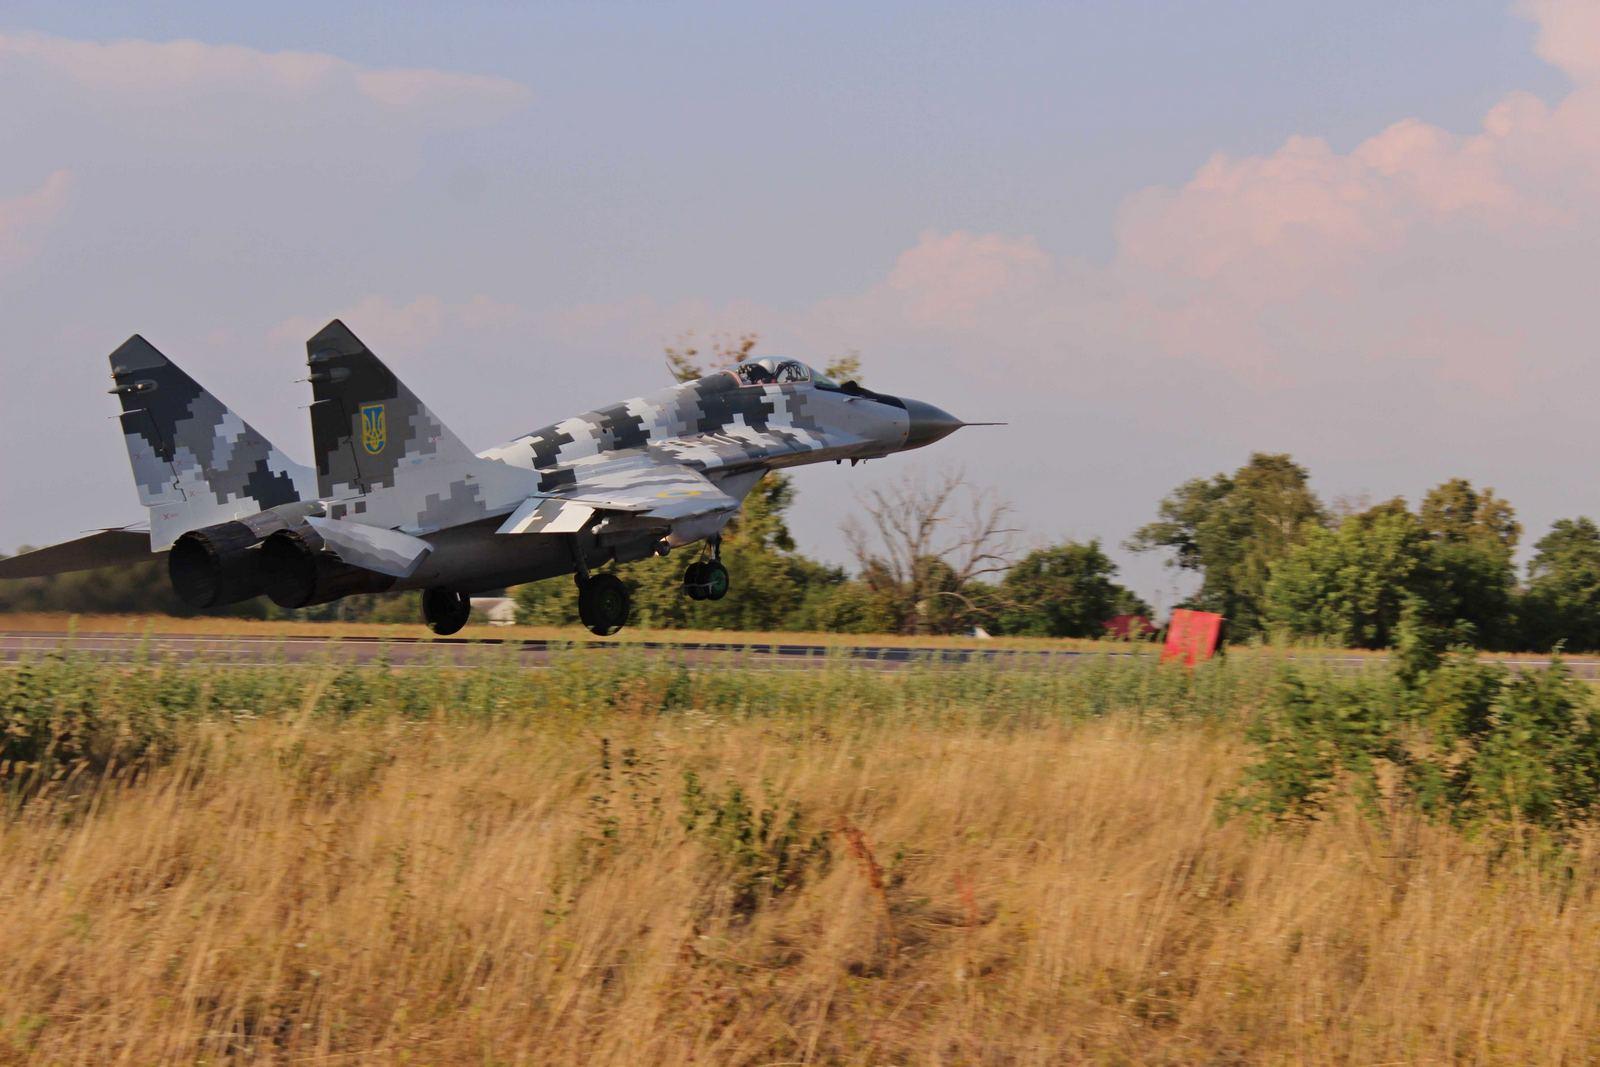 Украинские истребители отработали взлет и посадку на автотрассу, - Минобороны - фото, видео | РБК Украина